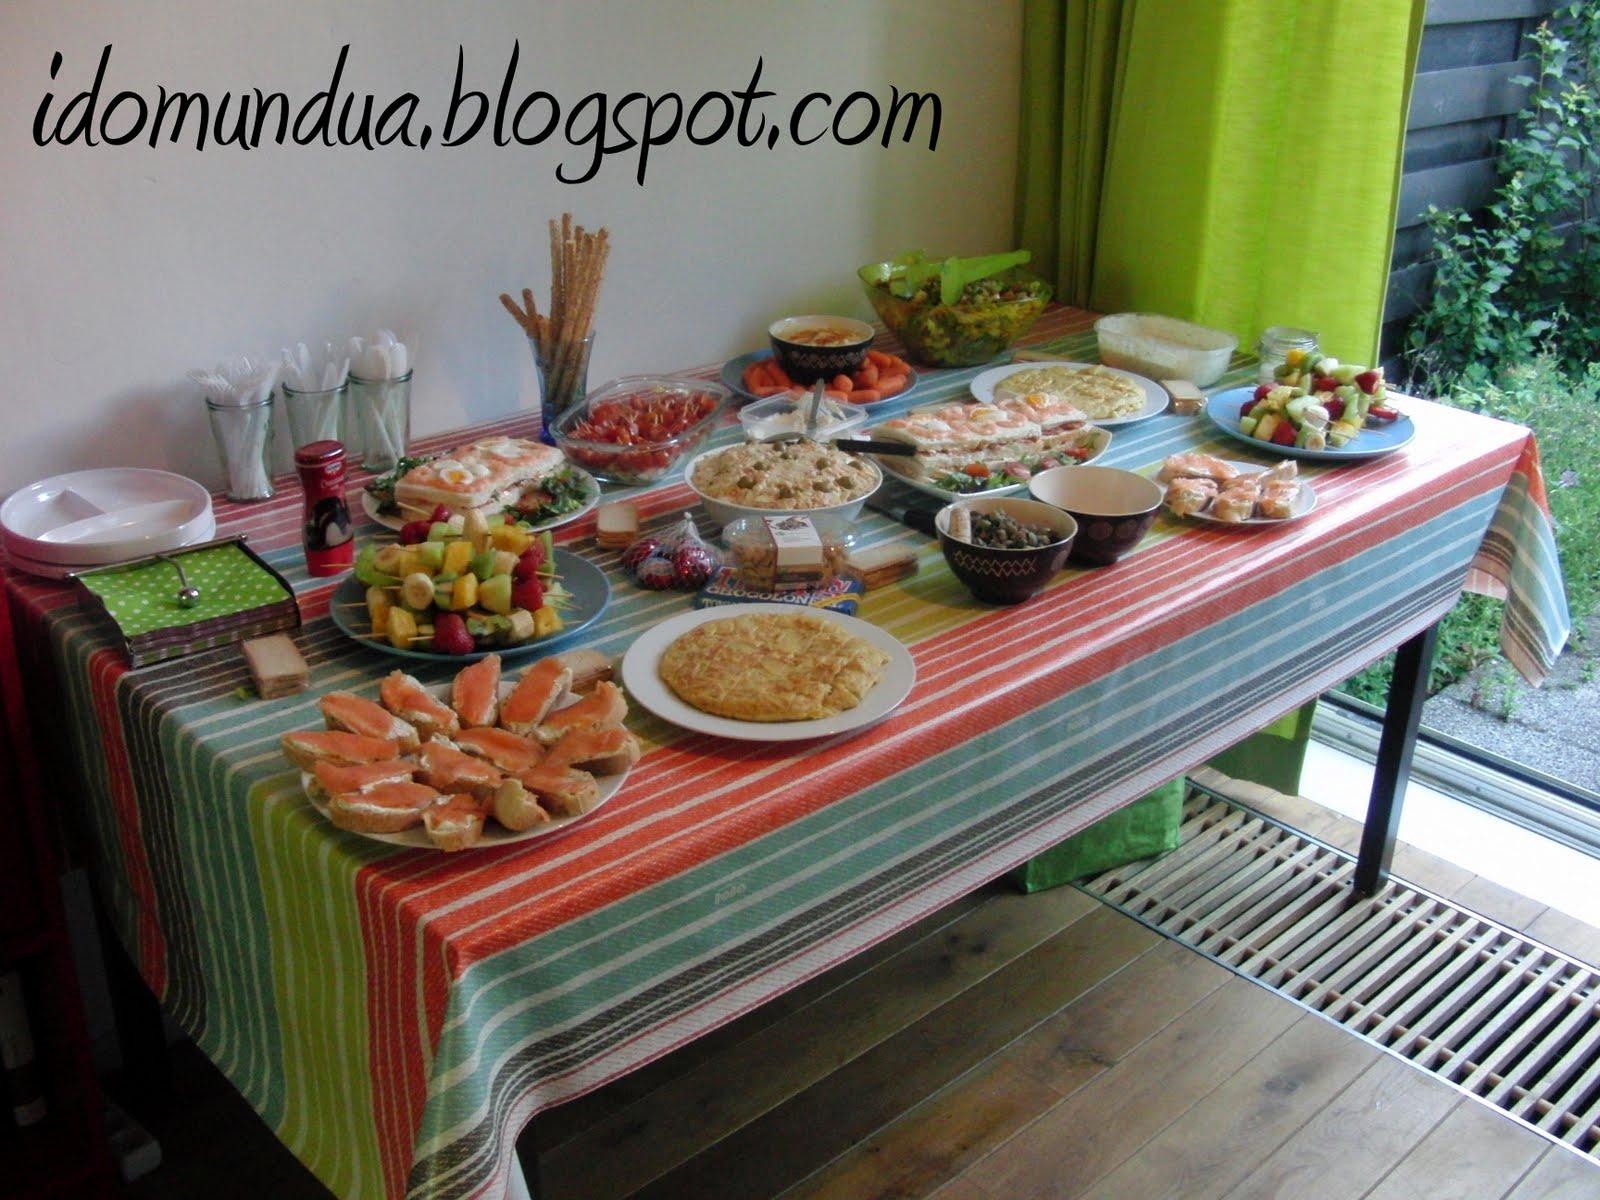 Idomundua picoteo cumplea ero men e ideas for Sugerencias para hacer de comer